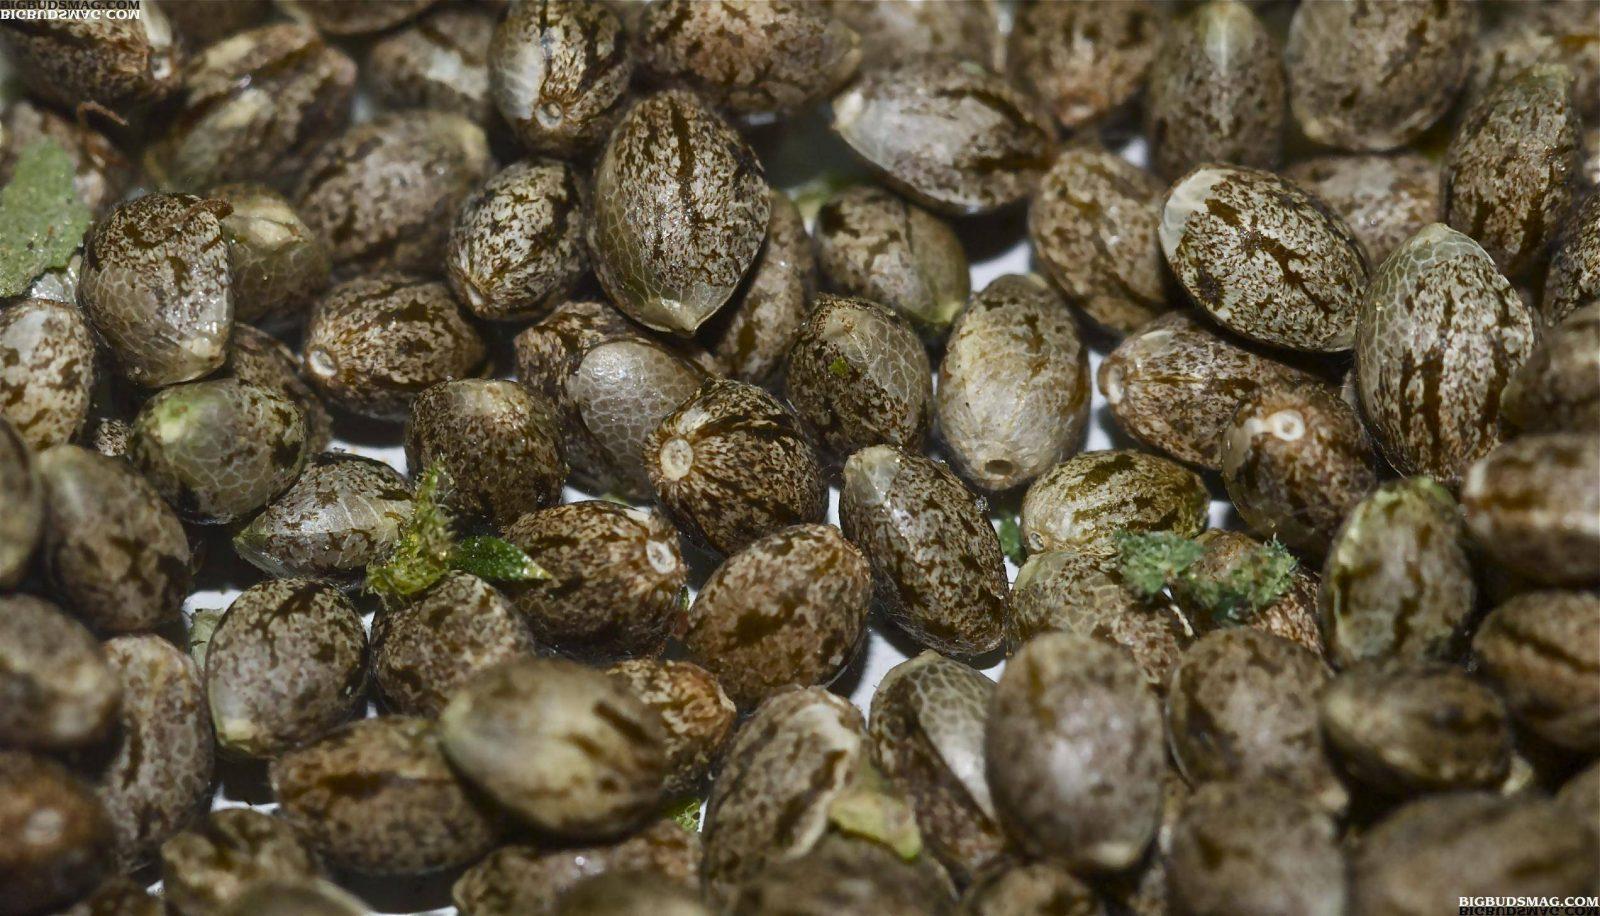 אחסון זרעים: שלושה דברים שזרעי קנאביס מאוד אוהבים